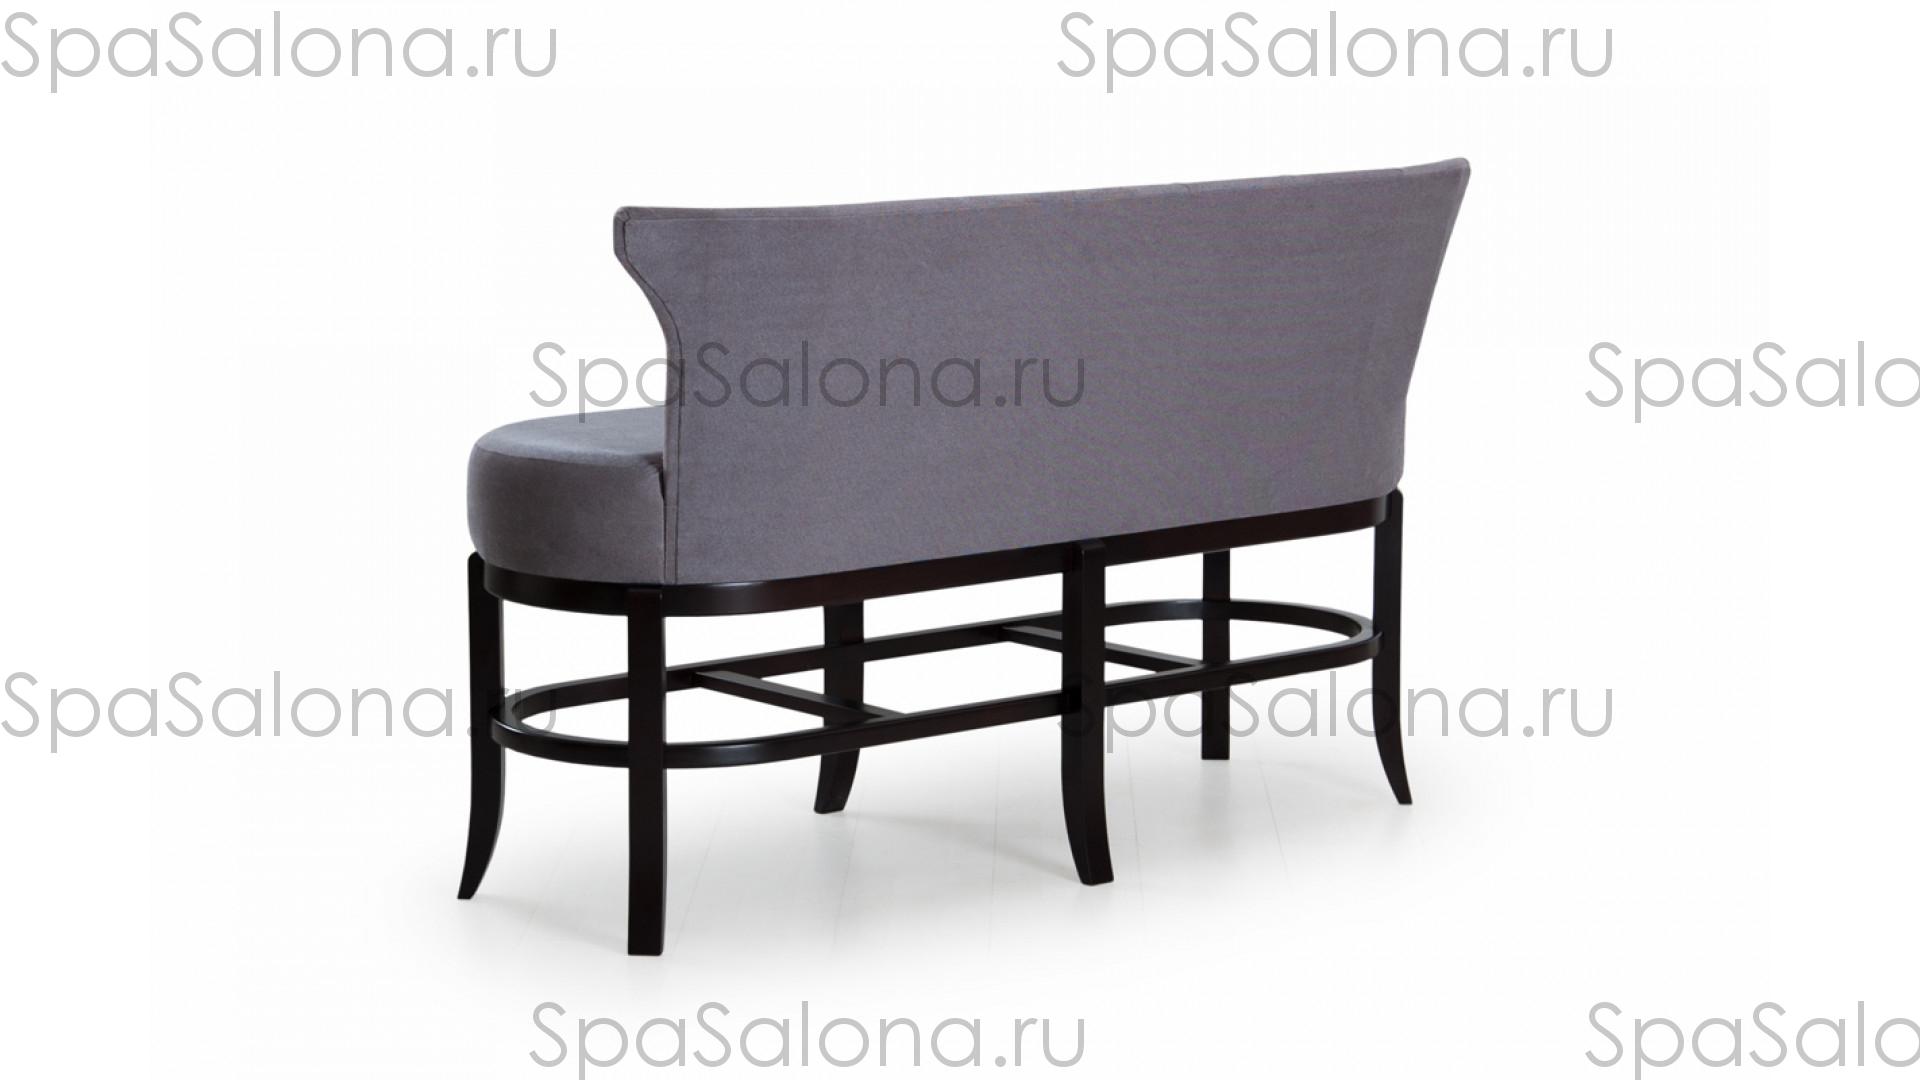 197dab1c9 Барный диван Монро - описание, характеристики, цены в Москве